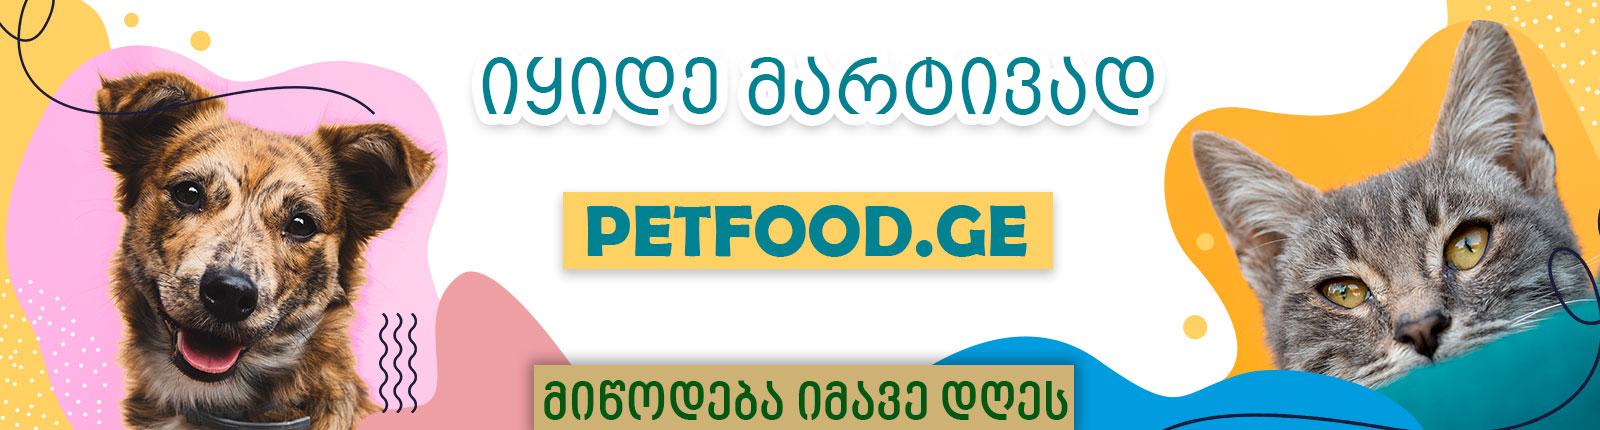 ზოომაღაზია petfood.ge